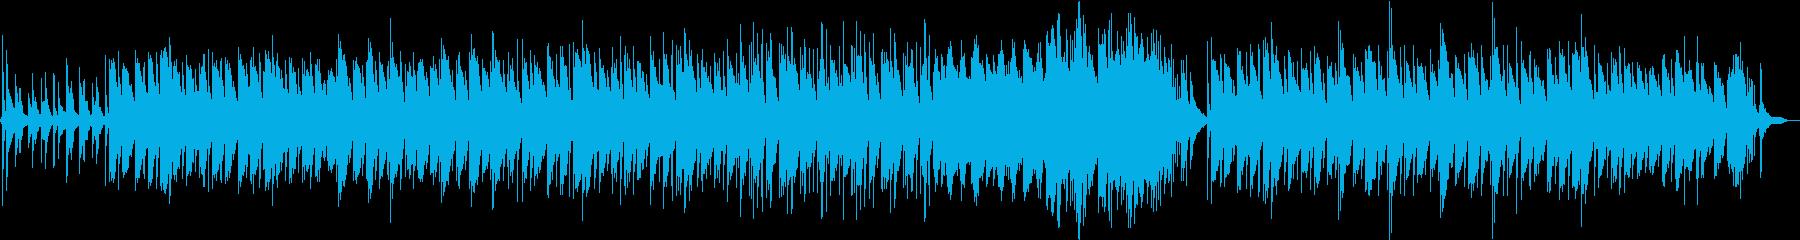 ピアノ独奏のヒーリング音楽の再生済みの波形